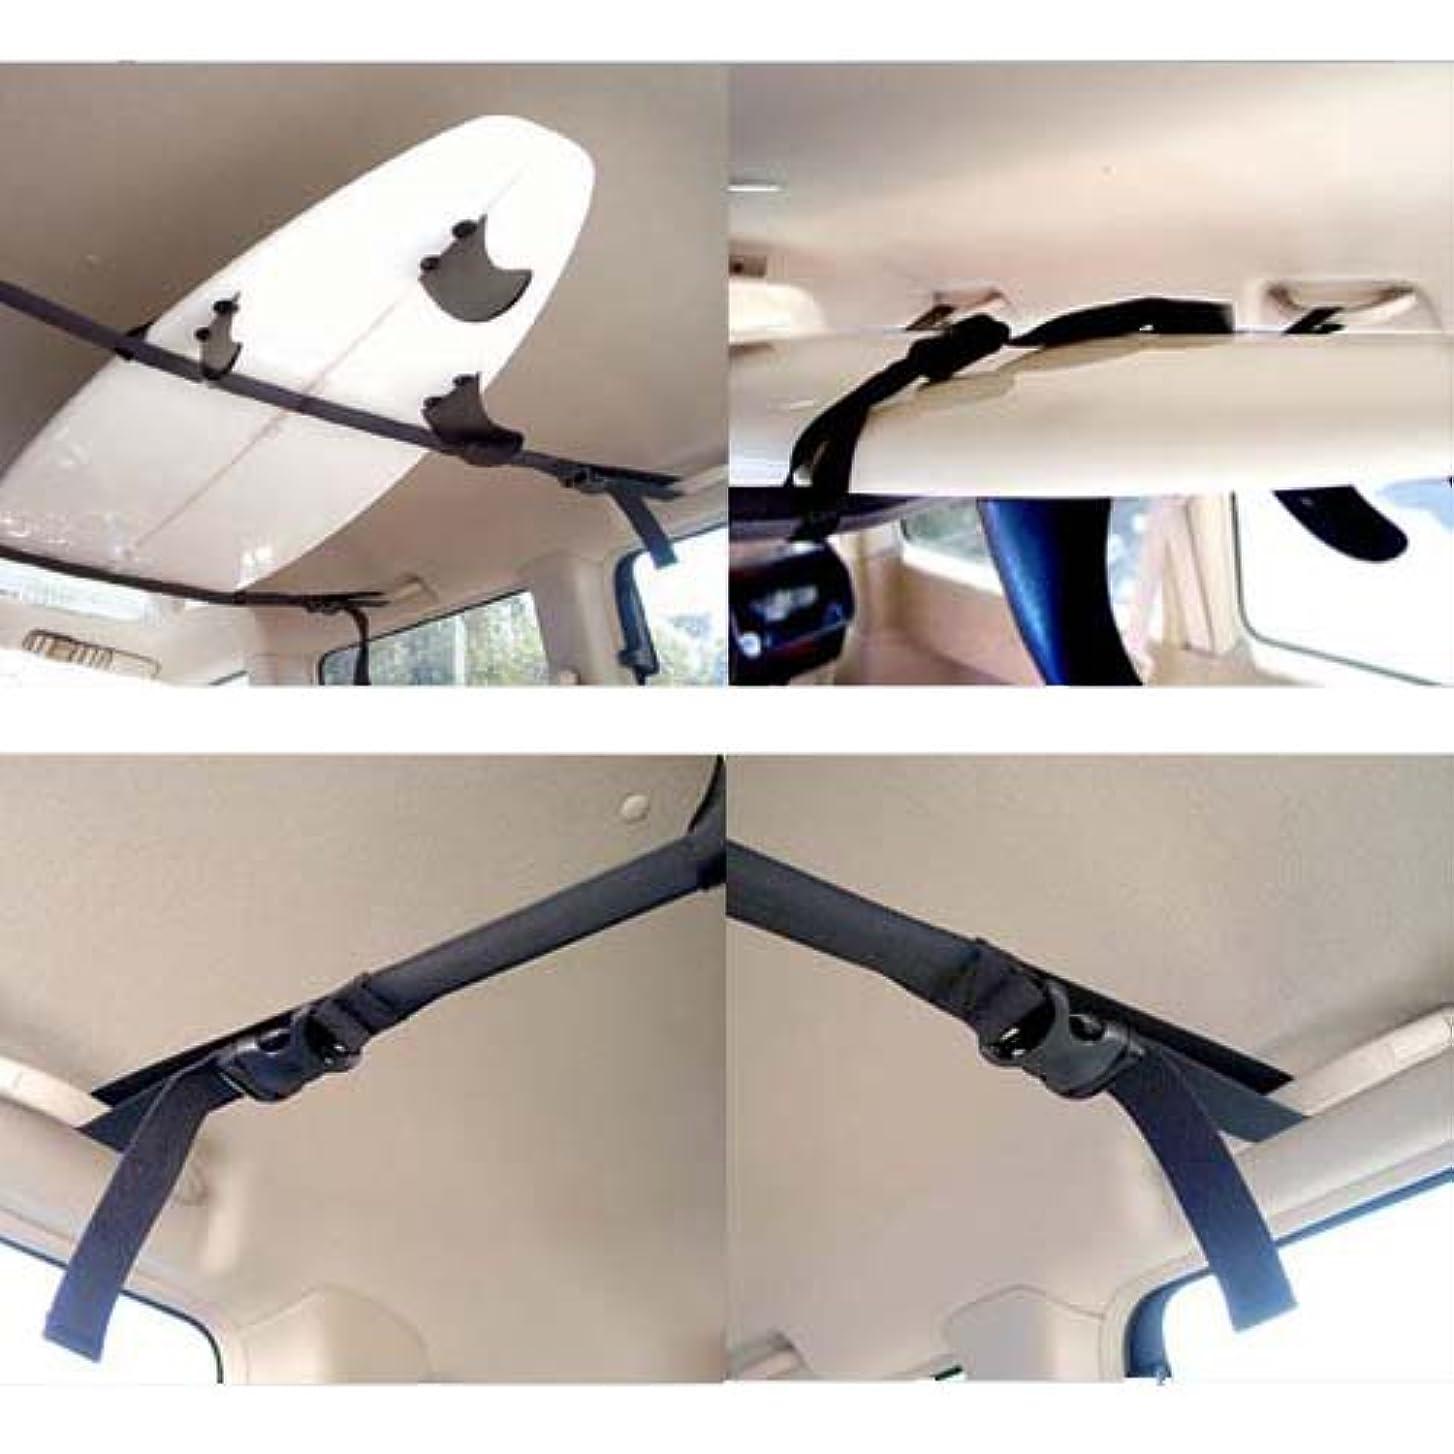 カメラセンサーあいまいFunktion サーフボードキャリア ラックベルト 車内用 Rack Belt FK-RACKBELT